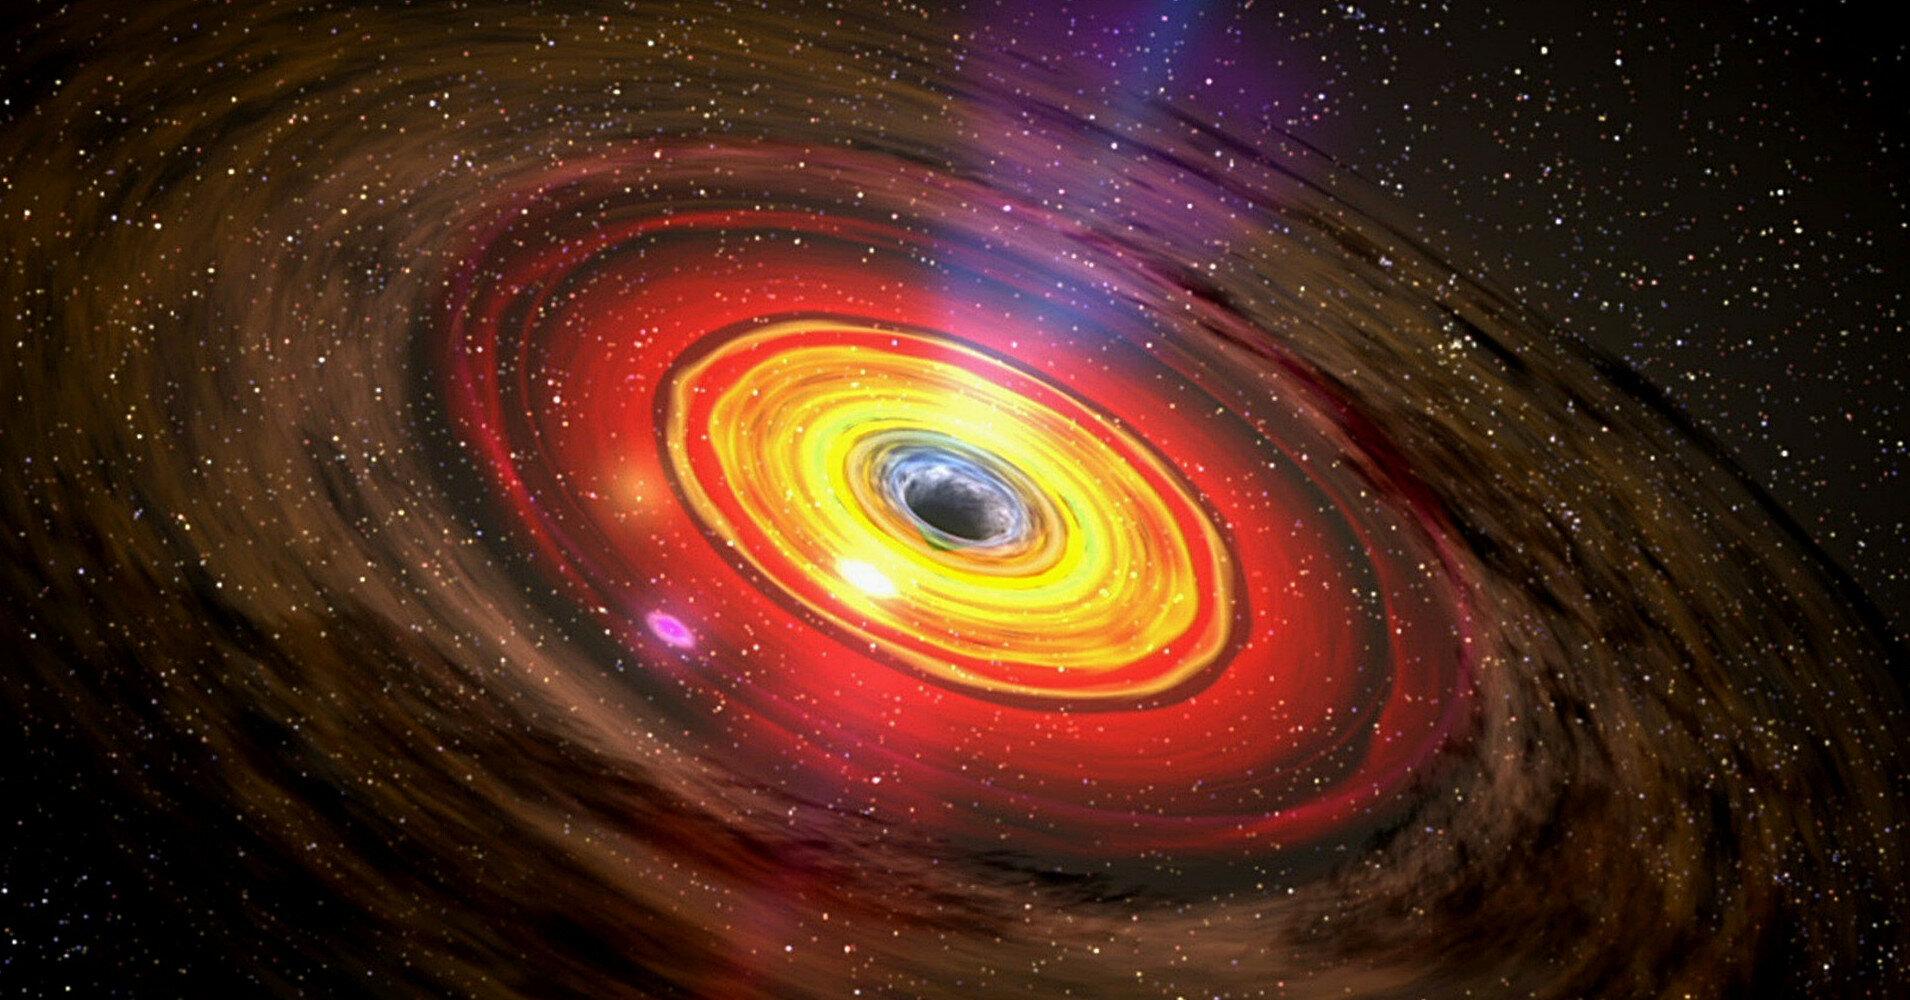 Телескоп Hubble сделал фото сразу двух огромных галактик